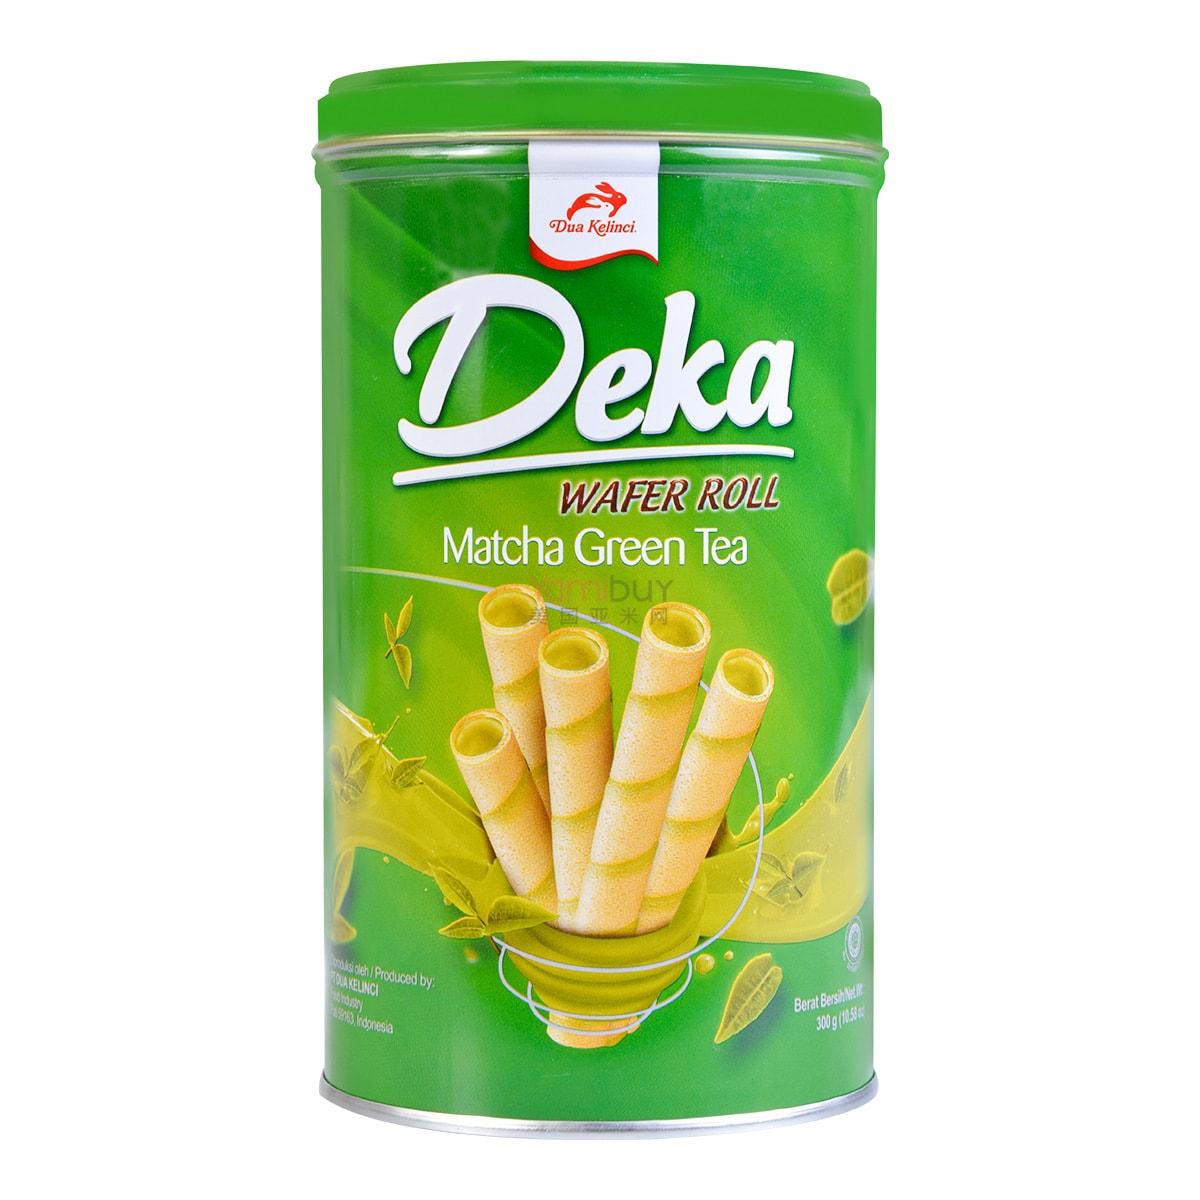 DUA KELINCI Deka Matcha Green Tea Wafer Roll 300g